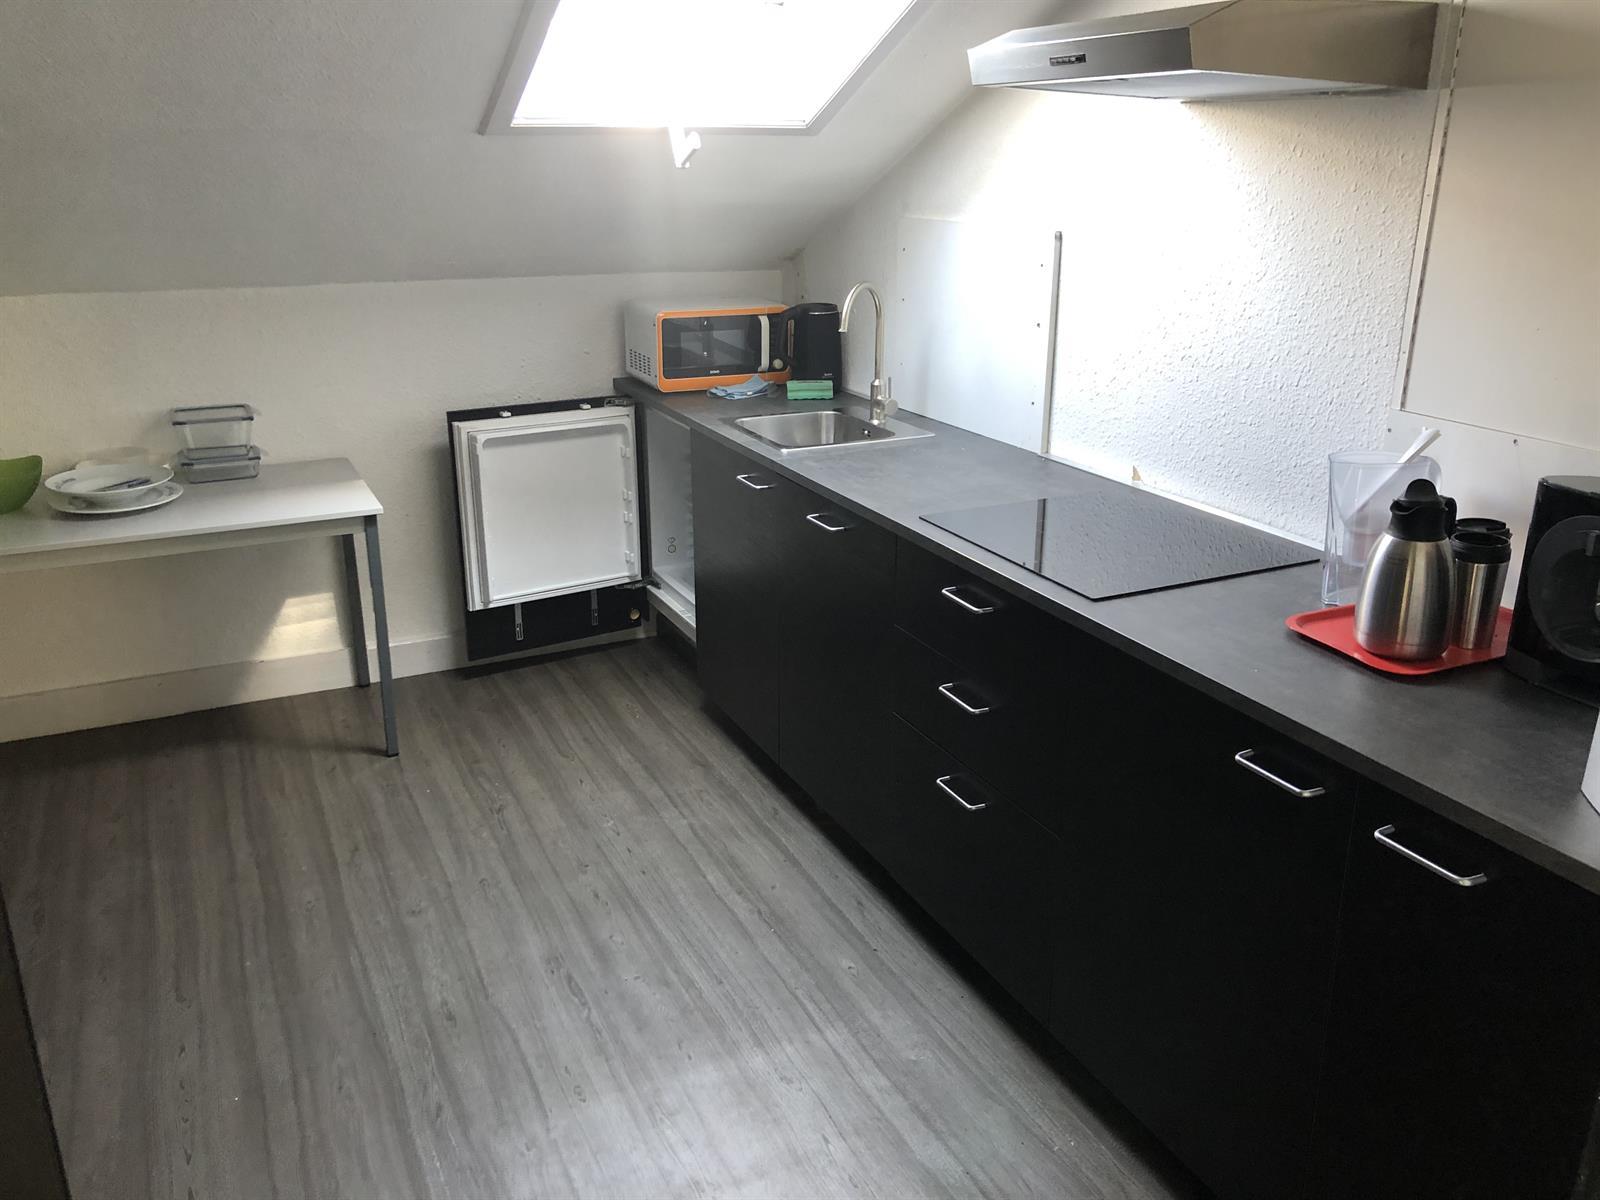 kantoor te huur Kantoorruimte in kasteel den Brandt - Beukenlaan 12, 2020 Antwerpen, België 10